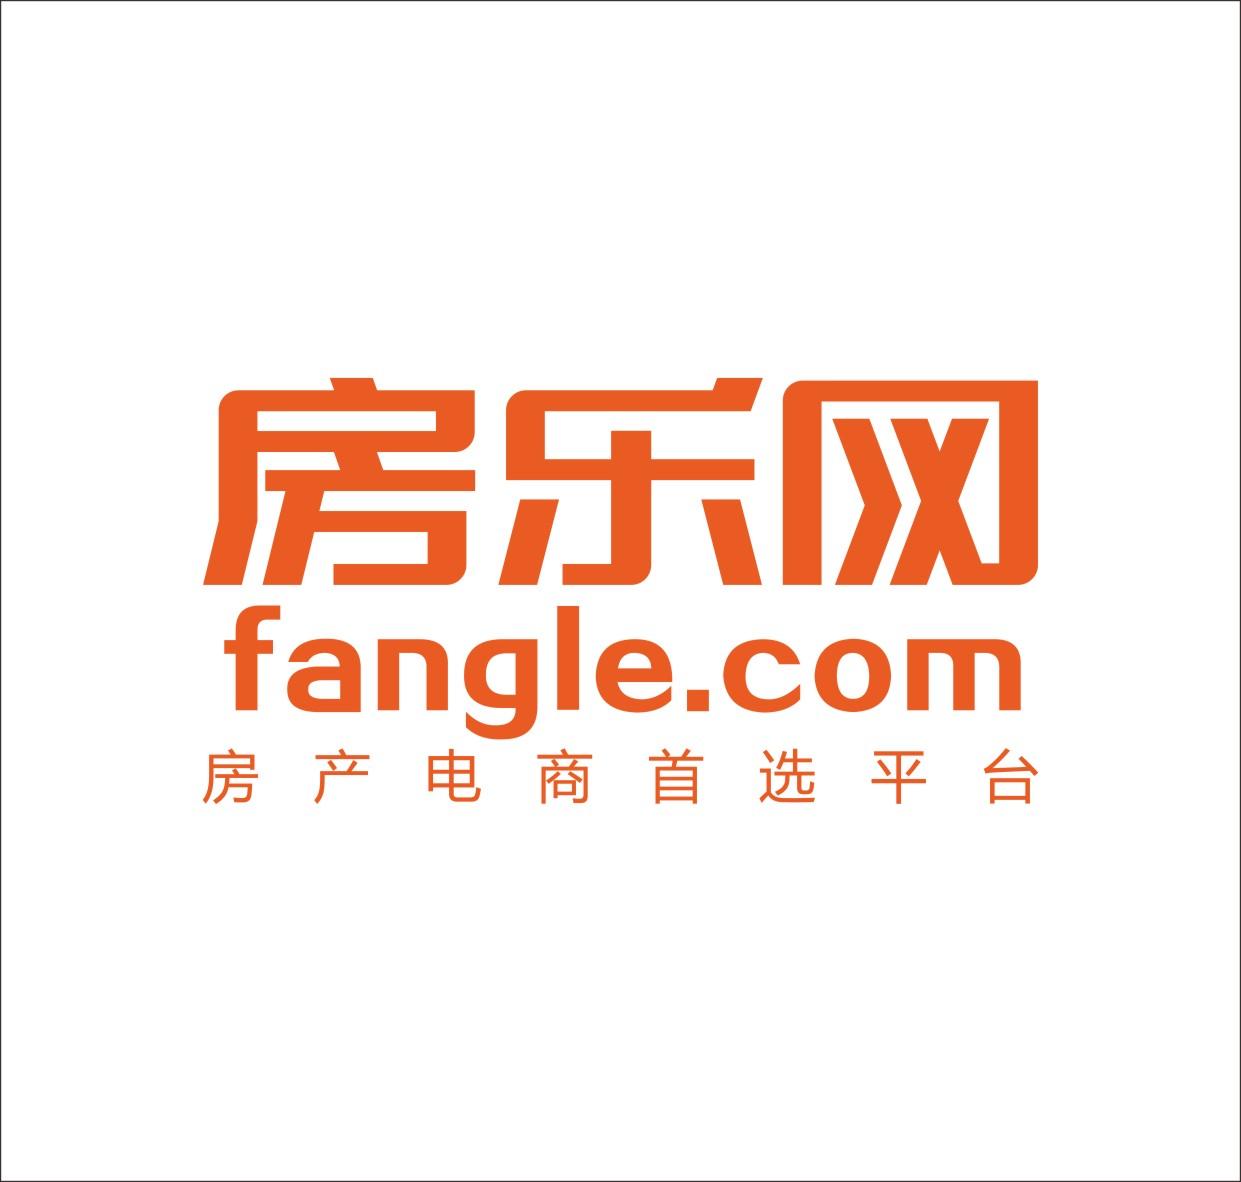 浙江房乐网络科技有限公司绍兴分公司